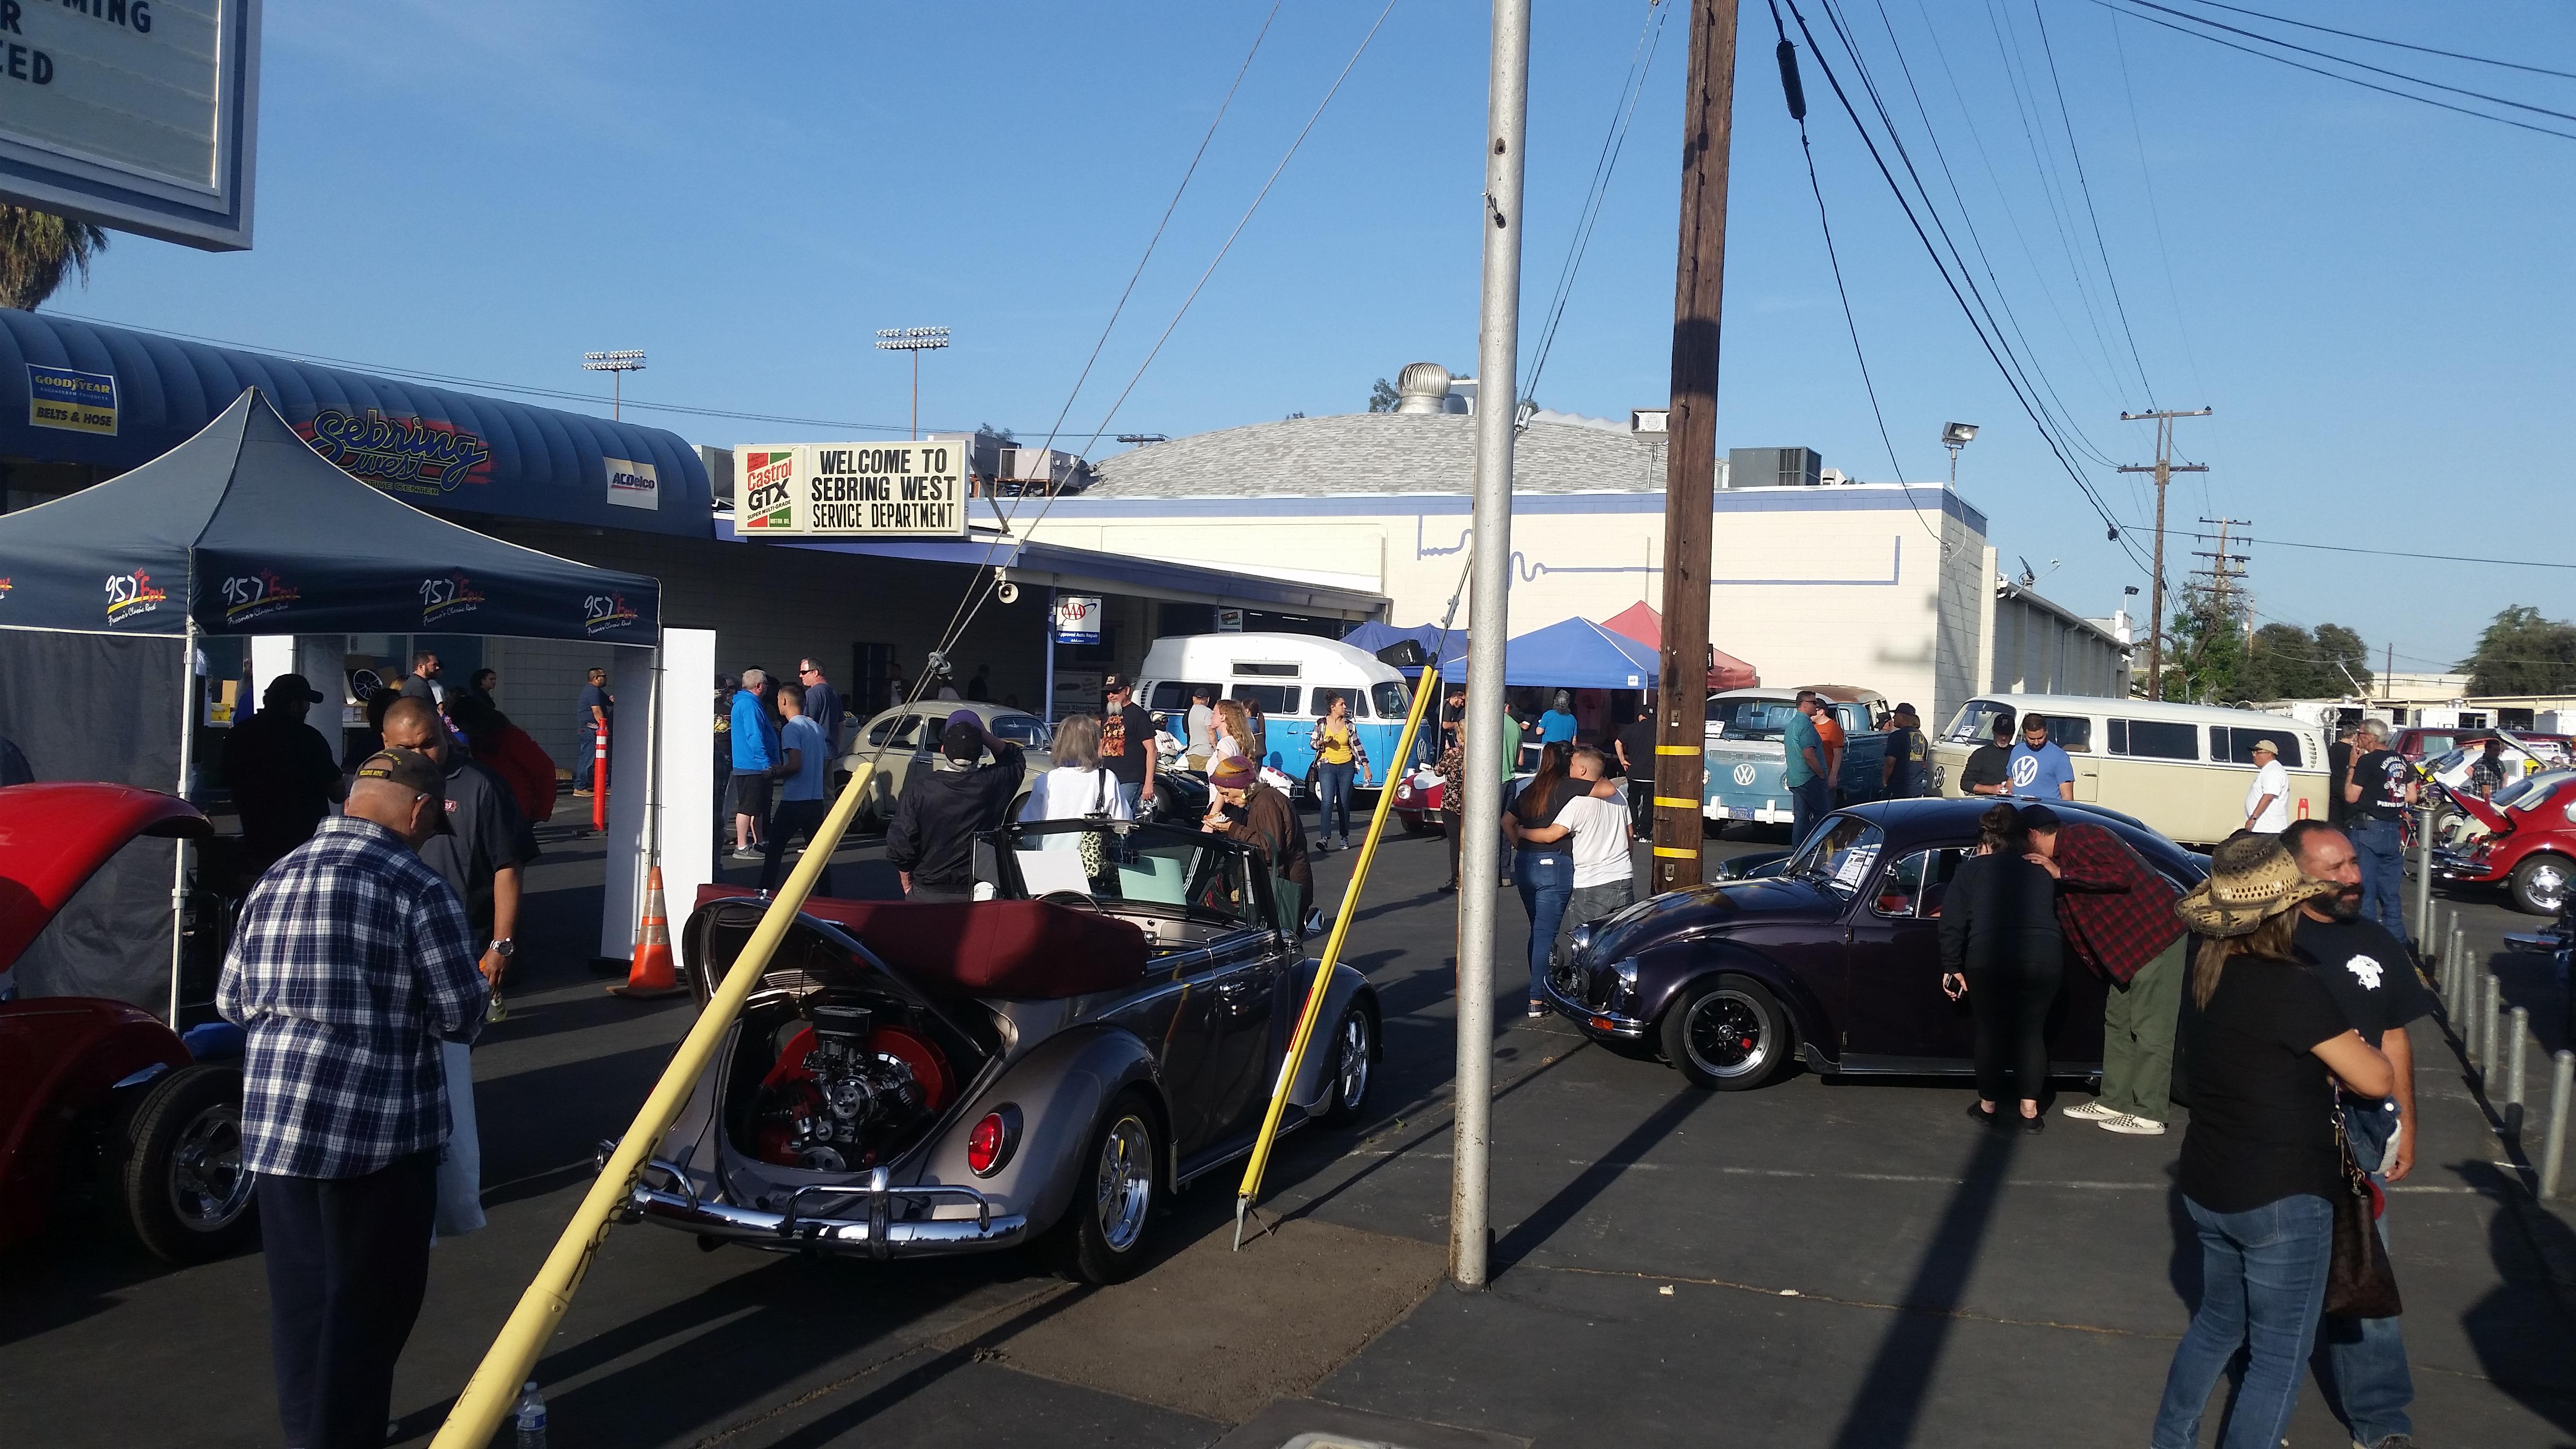 news events sebring west automotive center sebring west